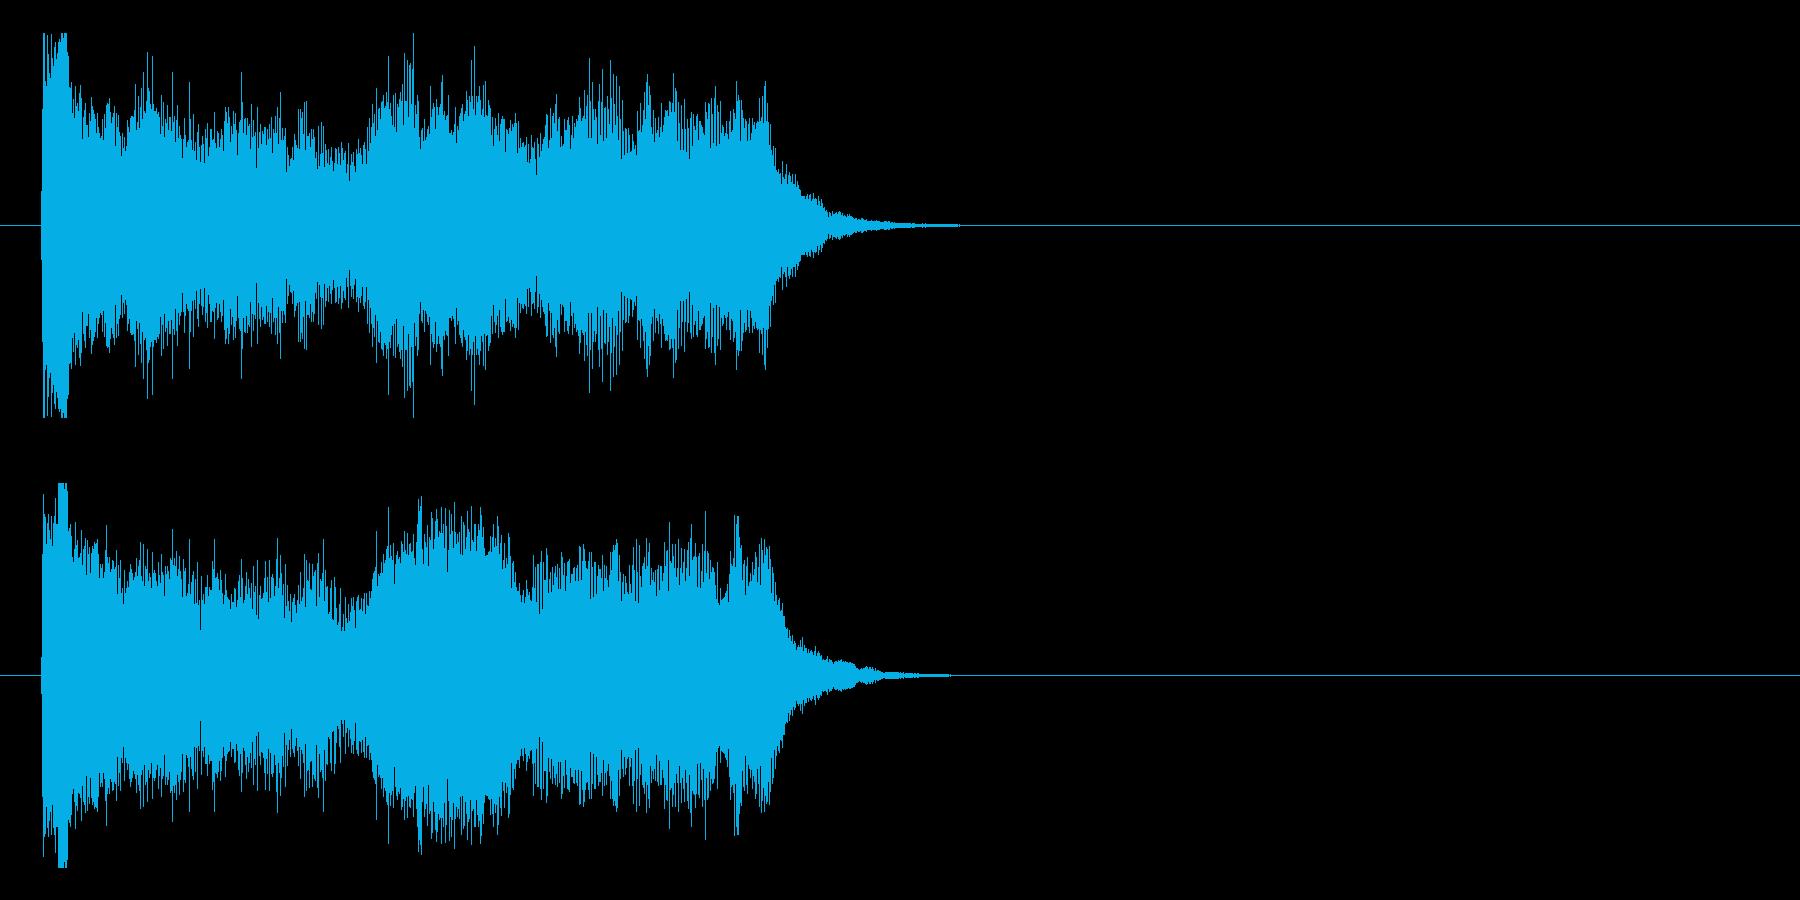 自然の神秘を表現した幻想的なジングルの再生済みの波形